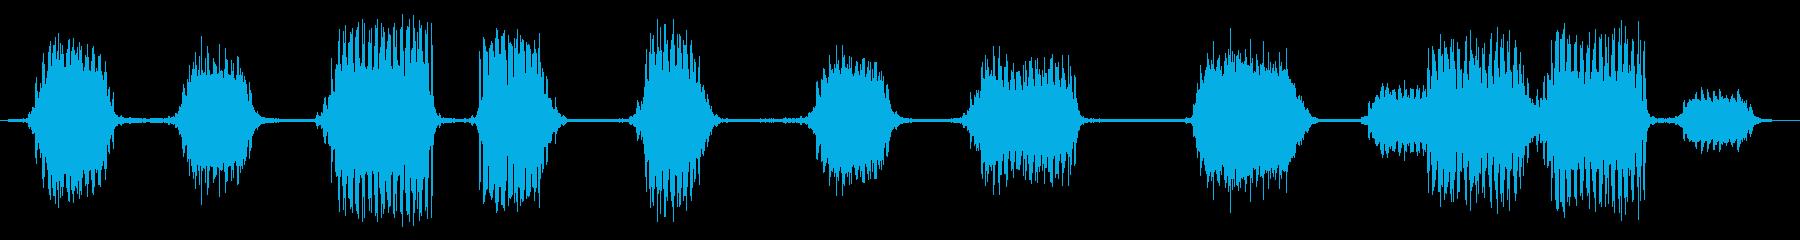 【環境音】JR高架下の再生済みの波形